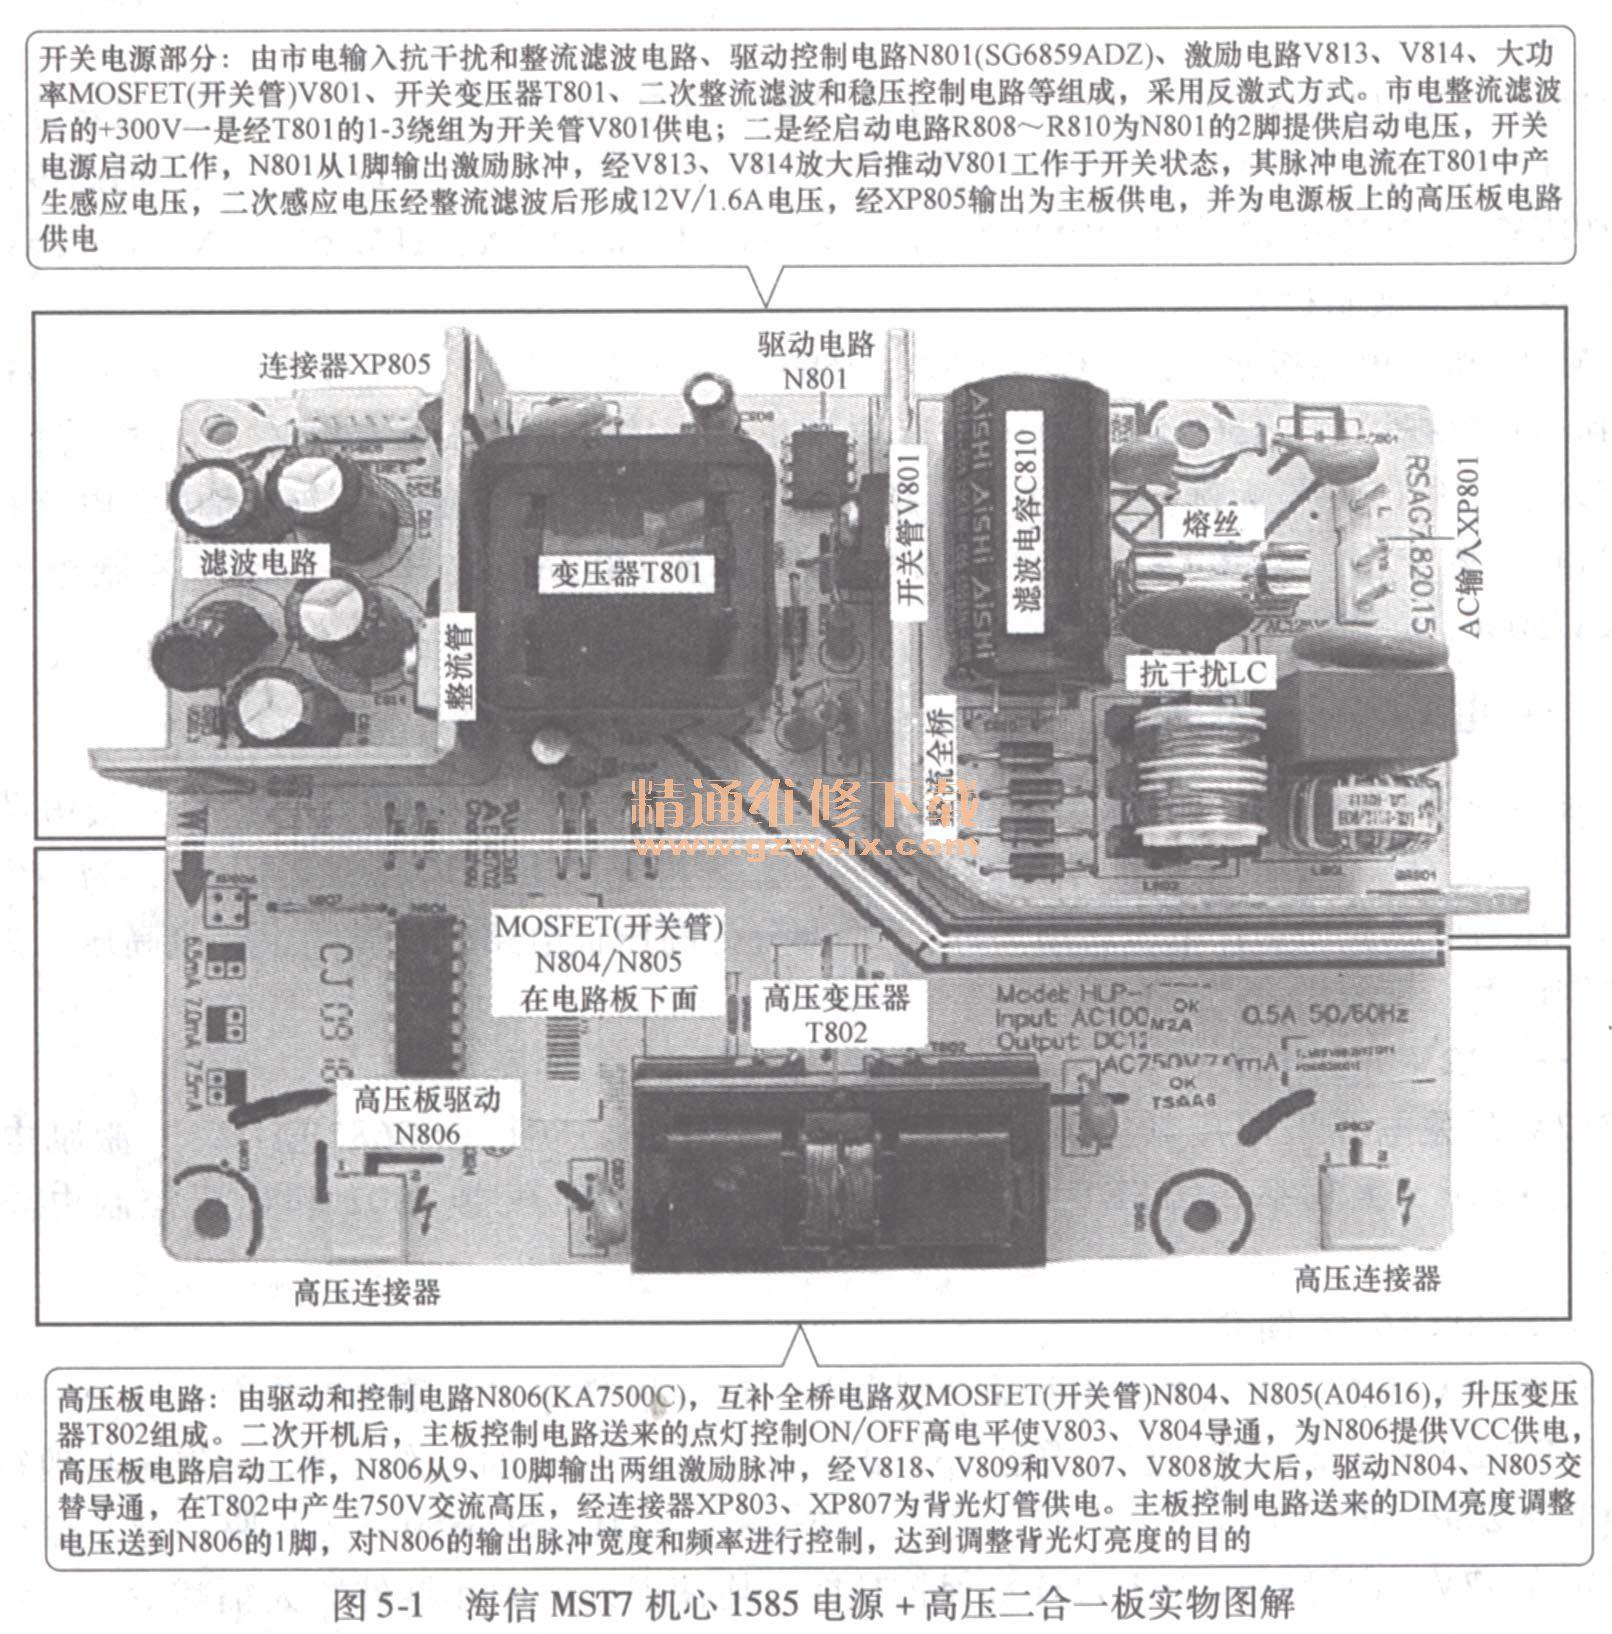 """海信MS""""T7机芯1585电源+高压二合一板实物图解"""